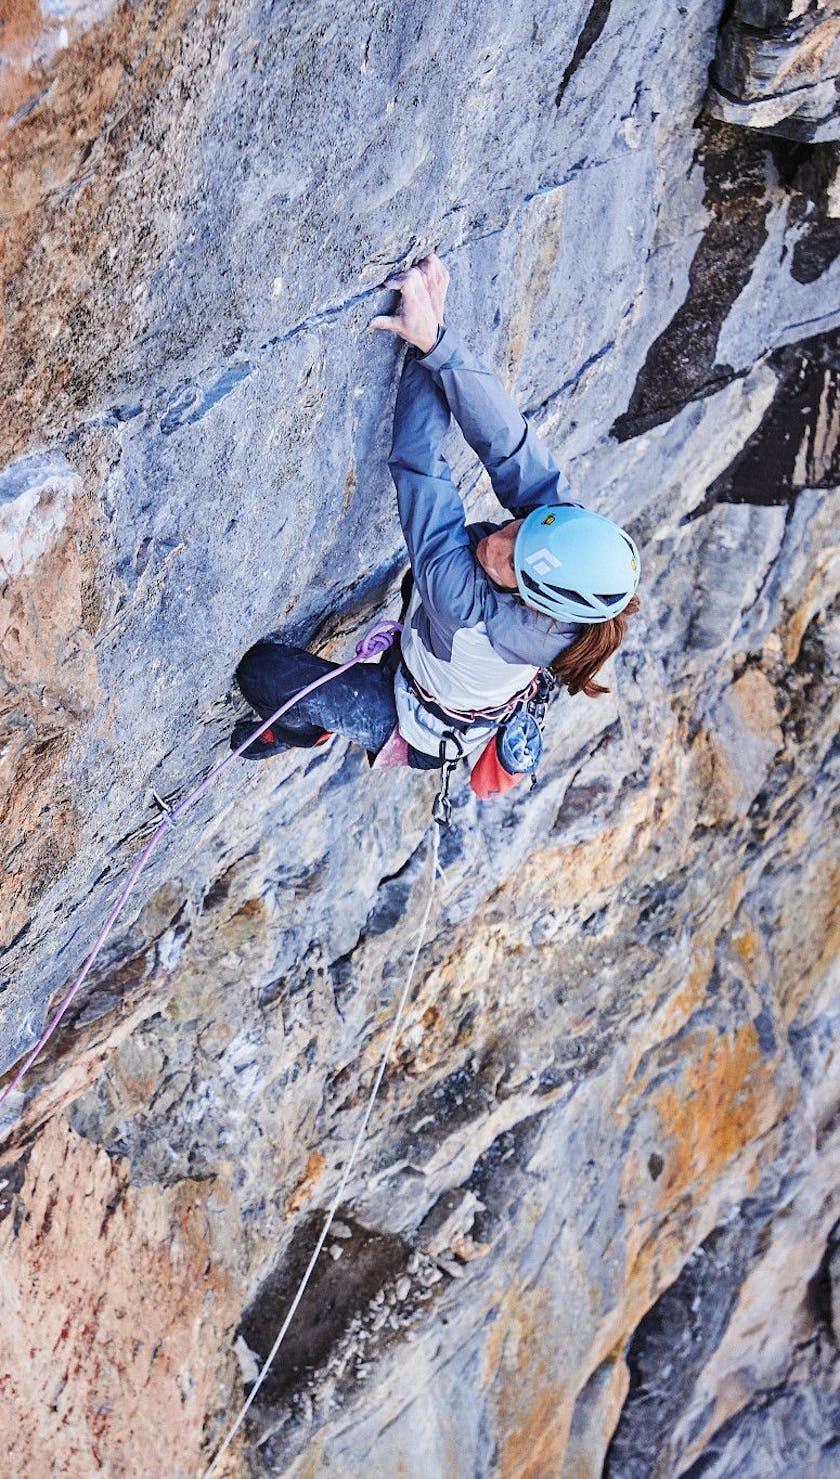 Babsi Zangerl rock climbing with a vapor helmet